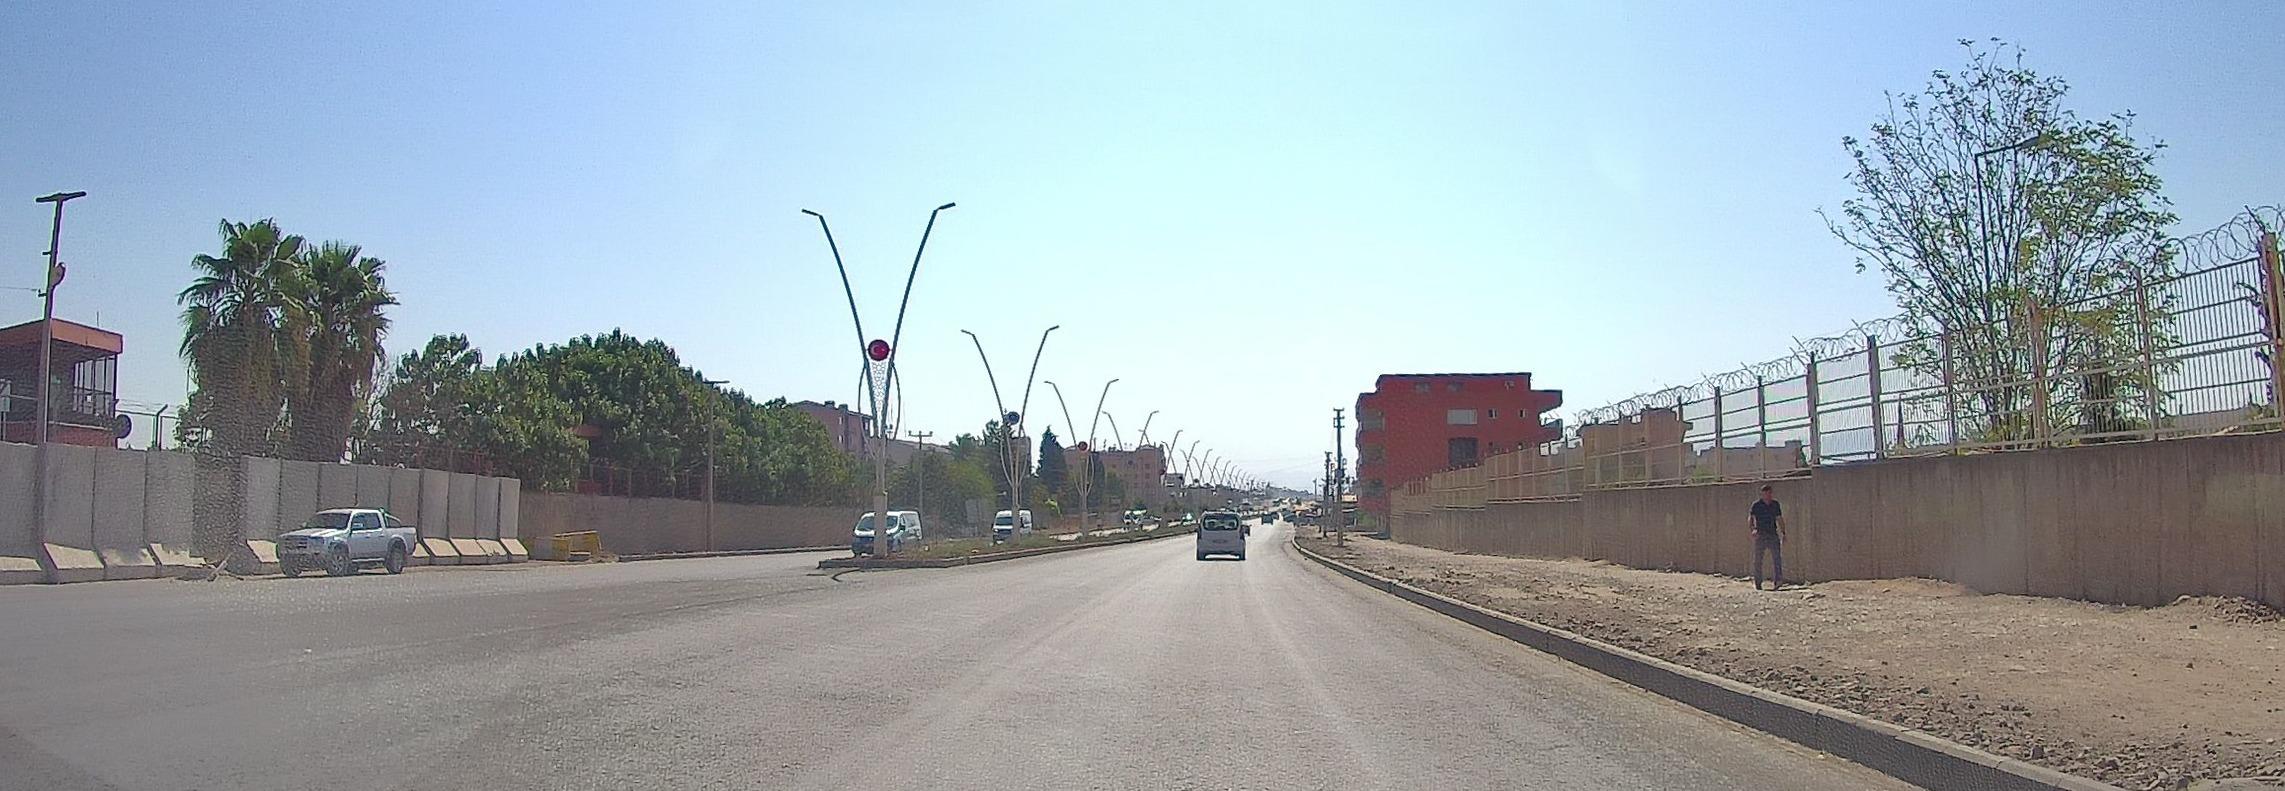 Силопи - город-база